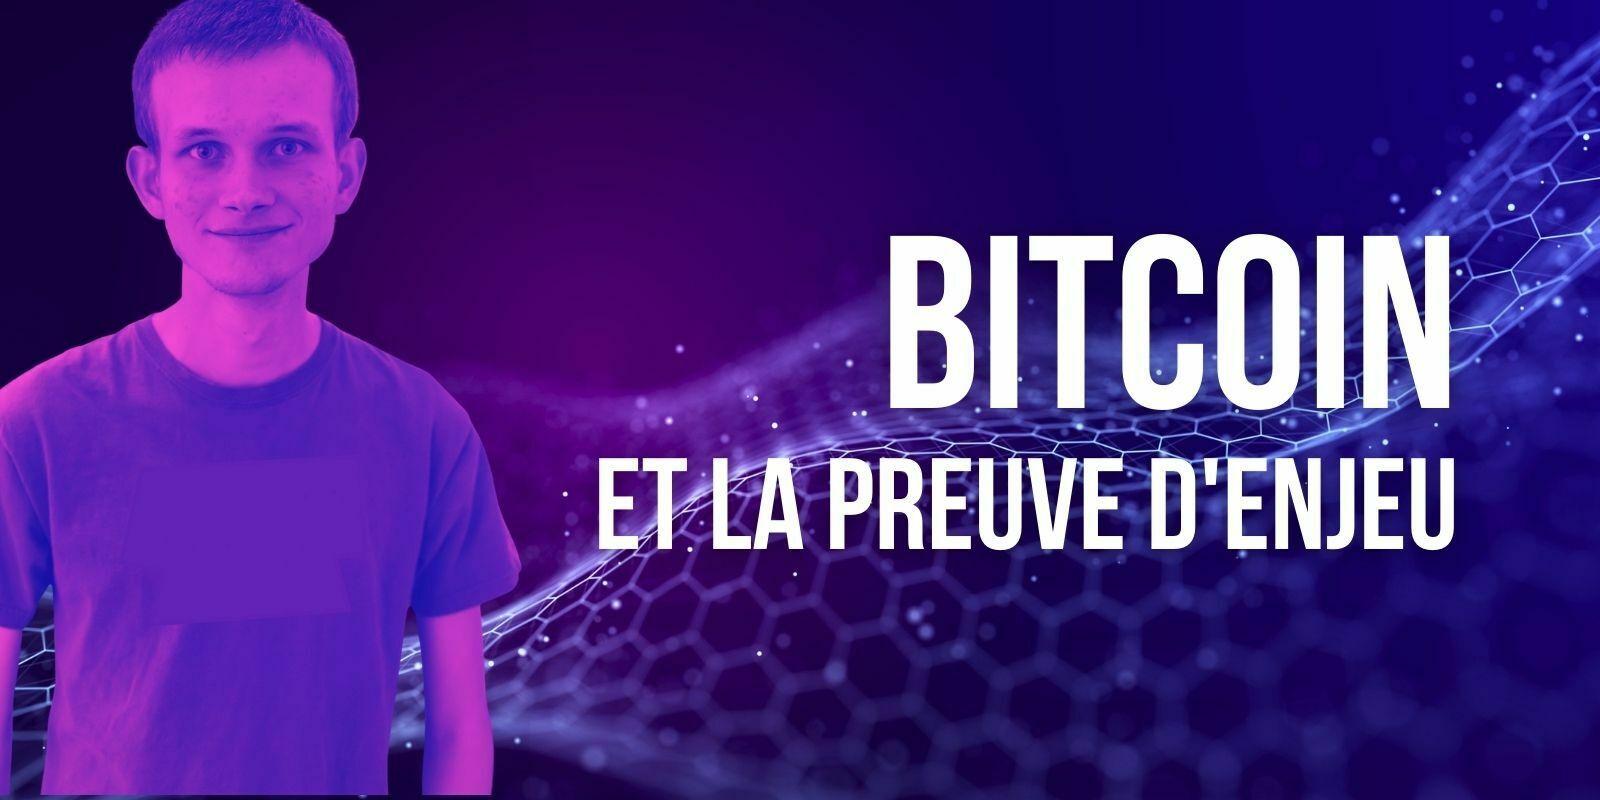 Vitalik Buterin: «La Preuve d'Enjeu est la solution pour Bitcoin (BTC)»